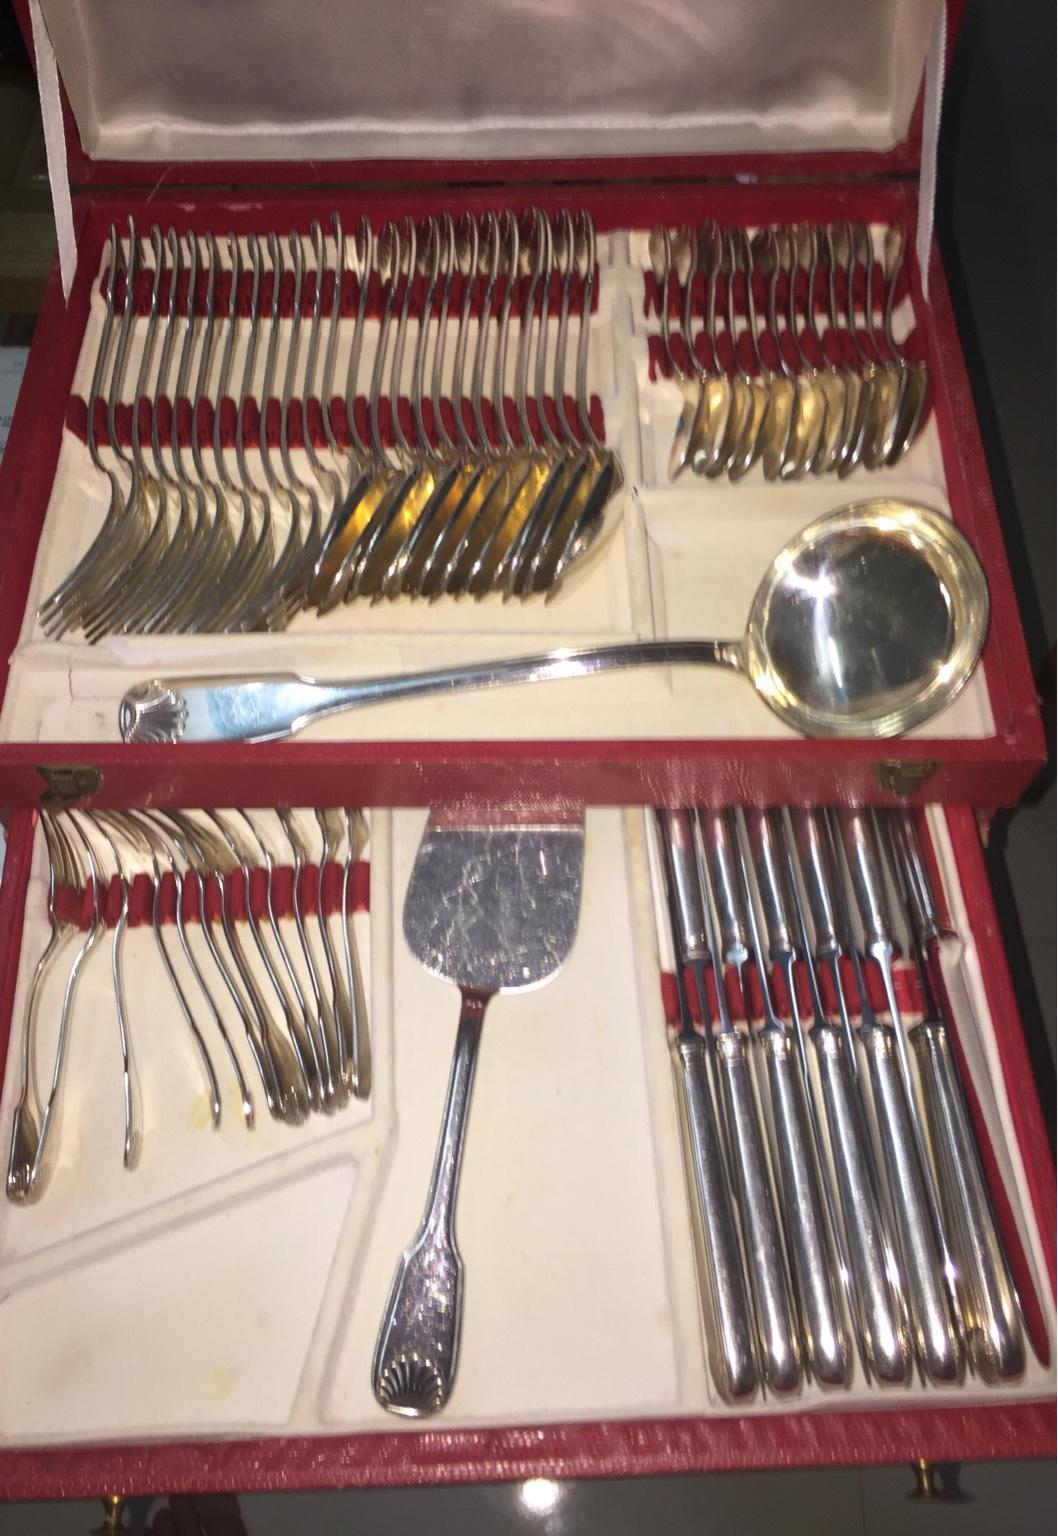 Khay xìa, dĩa, dao phục vụ bàn ăn thời vua chúa bằng bạc chất lượng và sang trọng chưa từng thấy